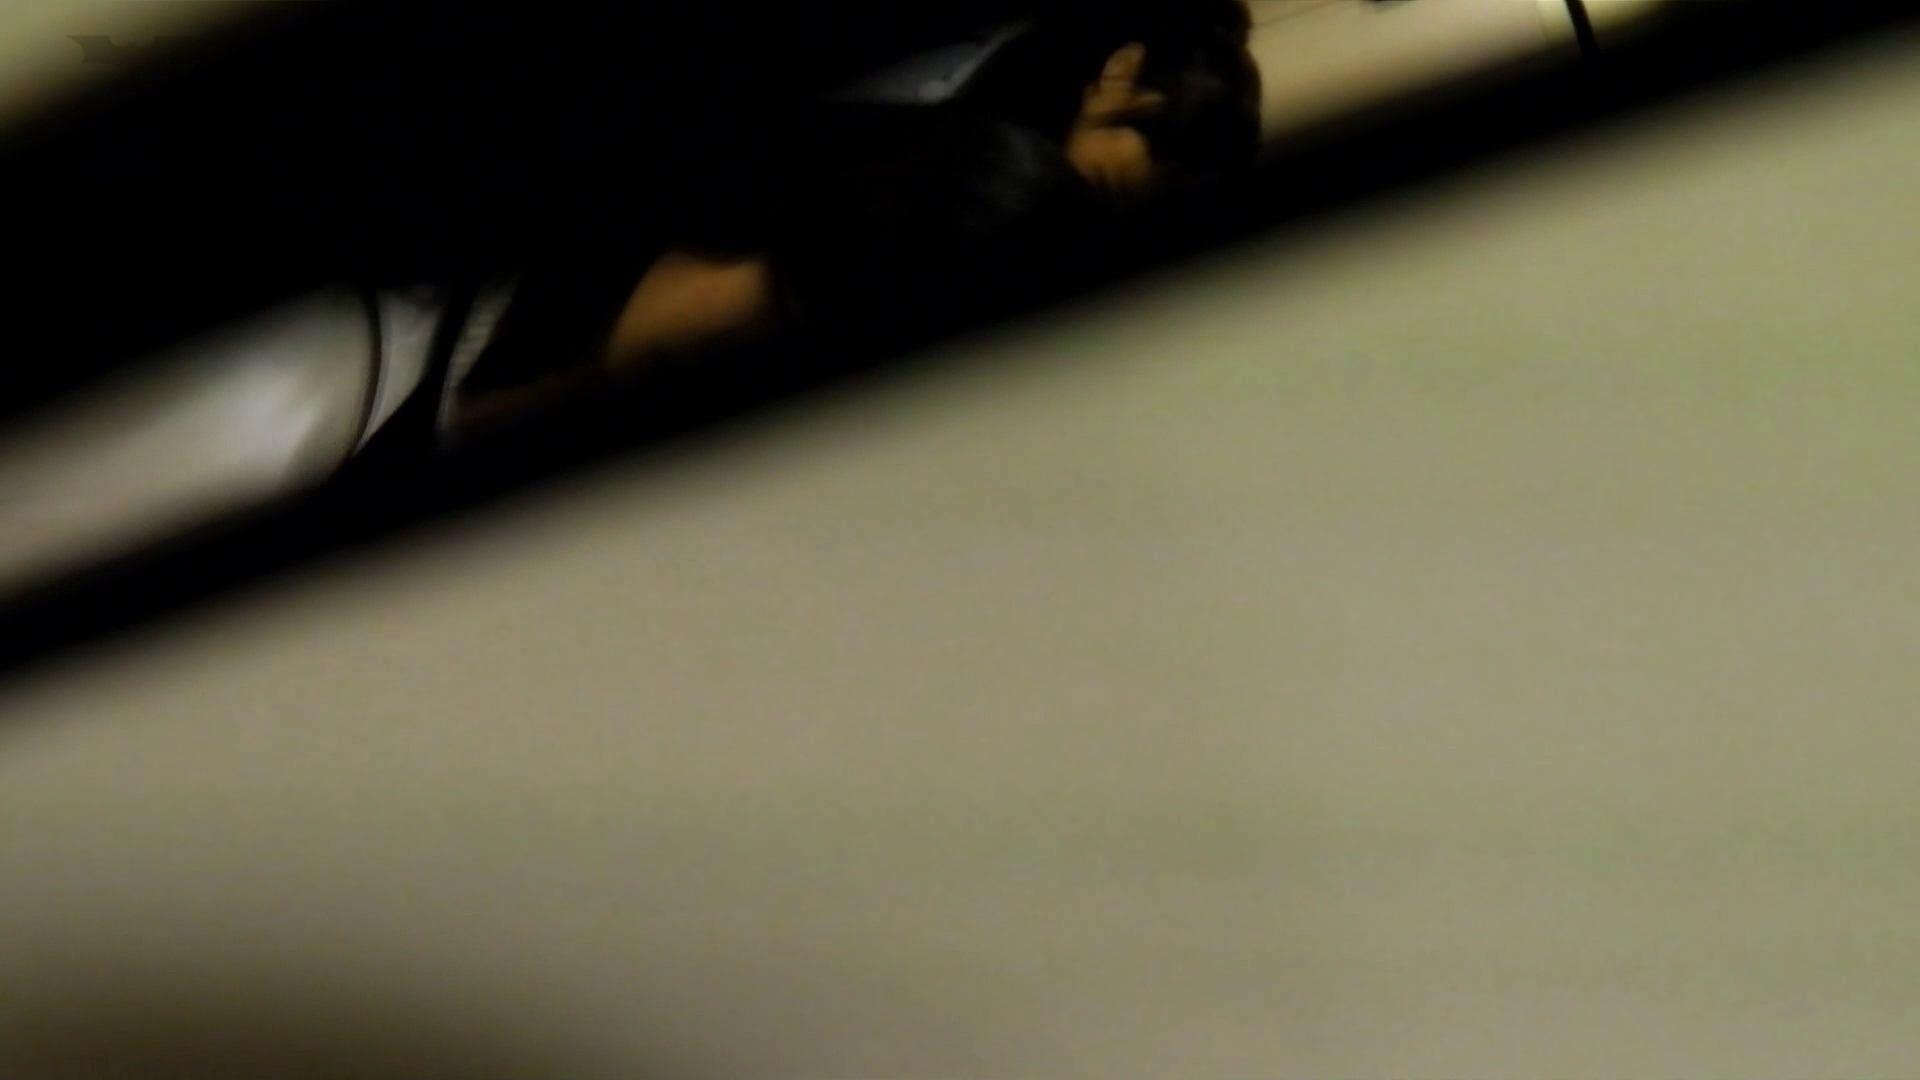 新世界の射窓 No73 185cm!スニーカーでも頭がでちゃうモデル特集 高画質 おまんこ無修正動画無料 77枚 23